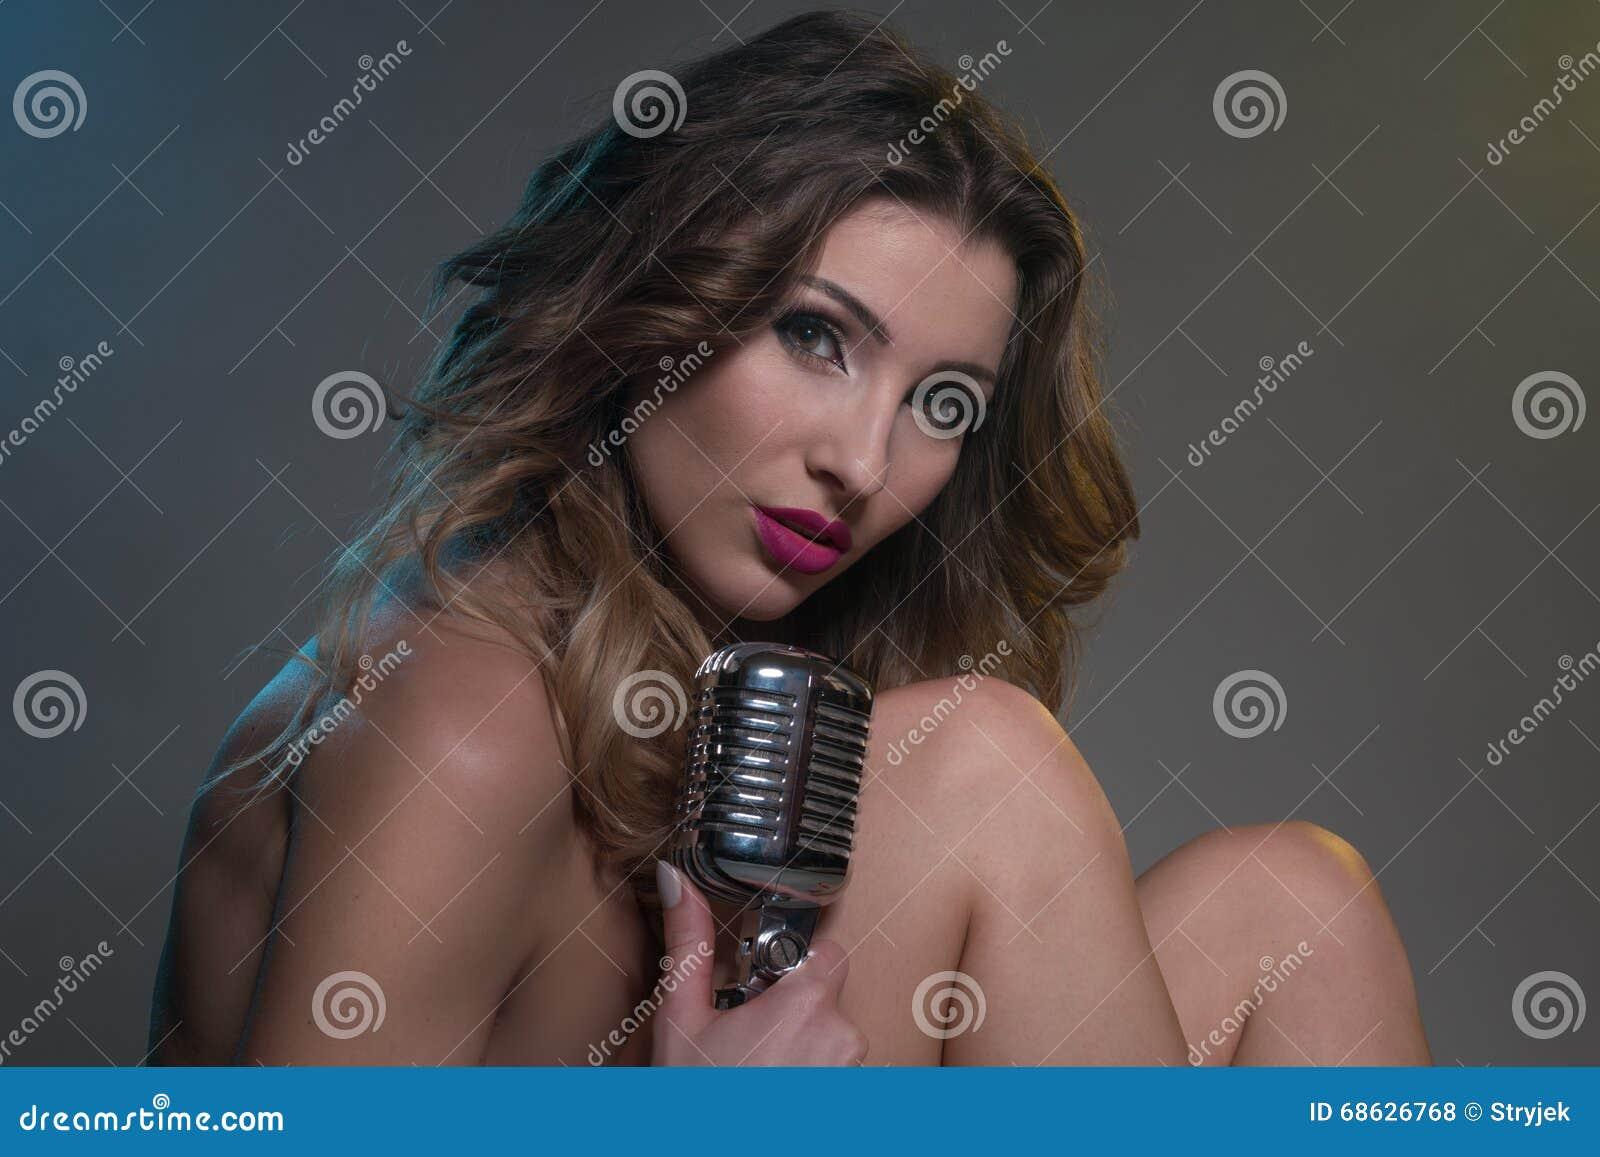 καυτά νέος γυμνό κορίτσι φωτογραφίες